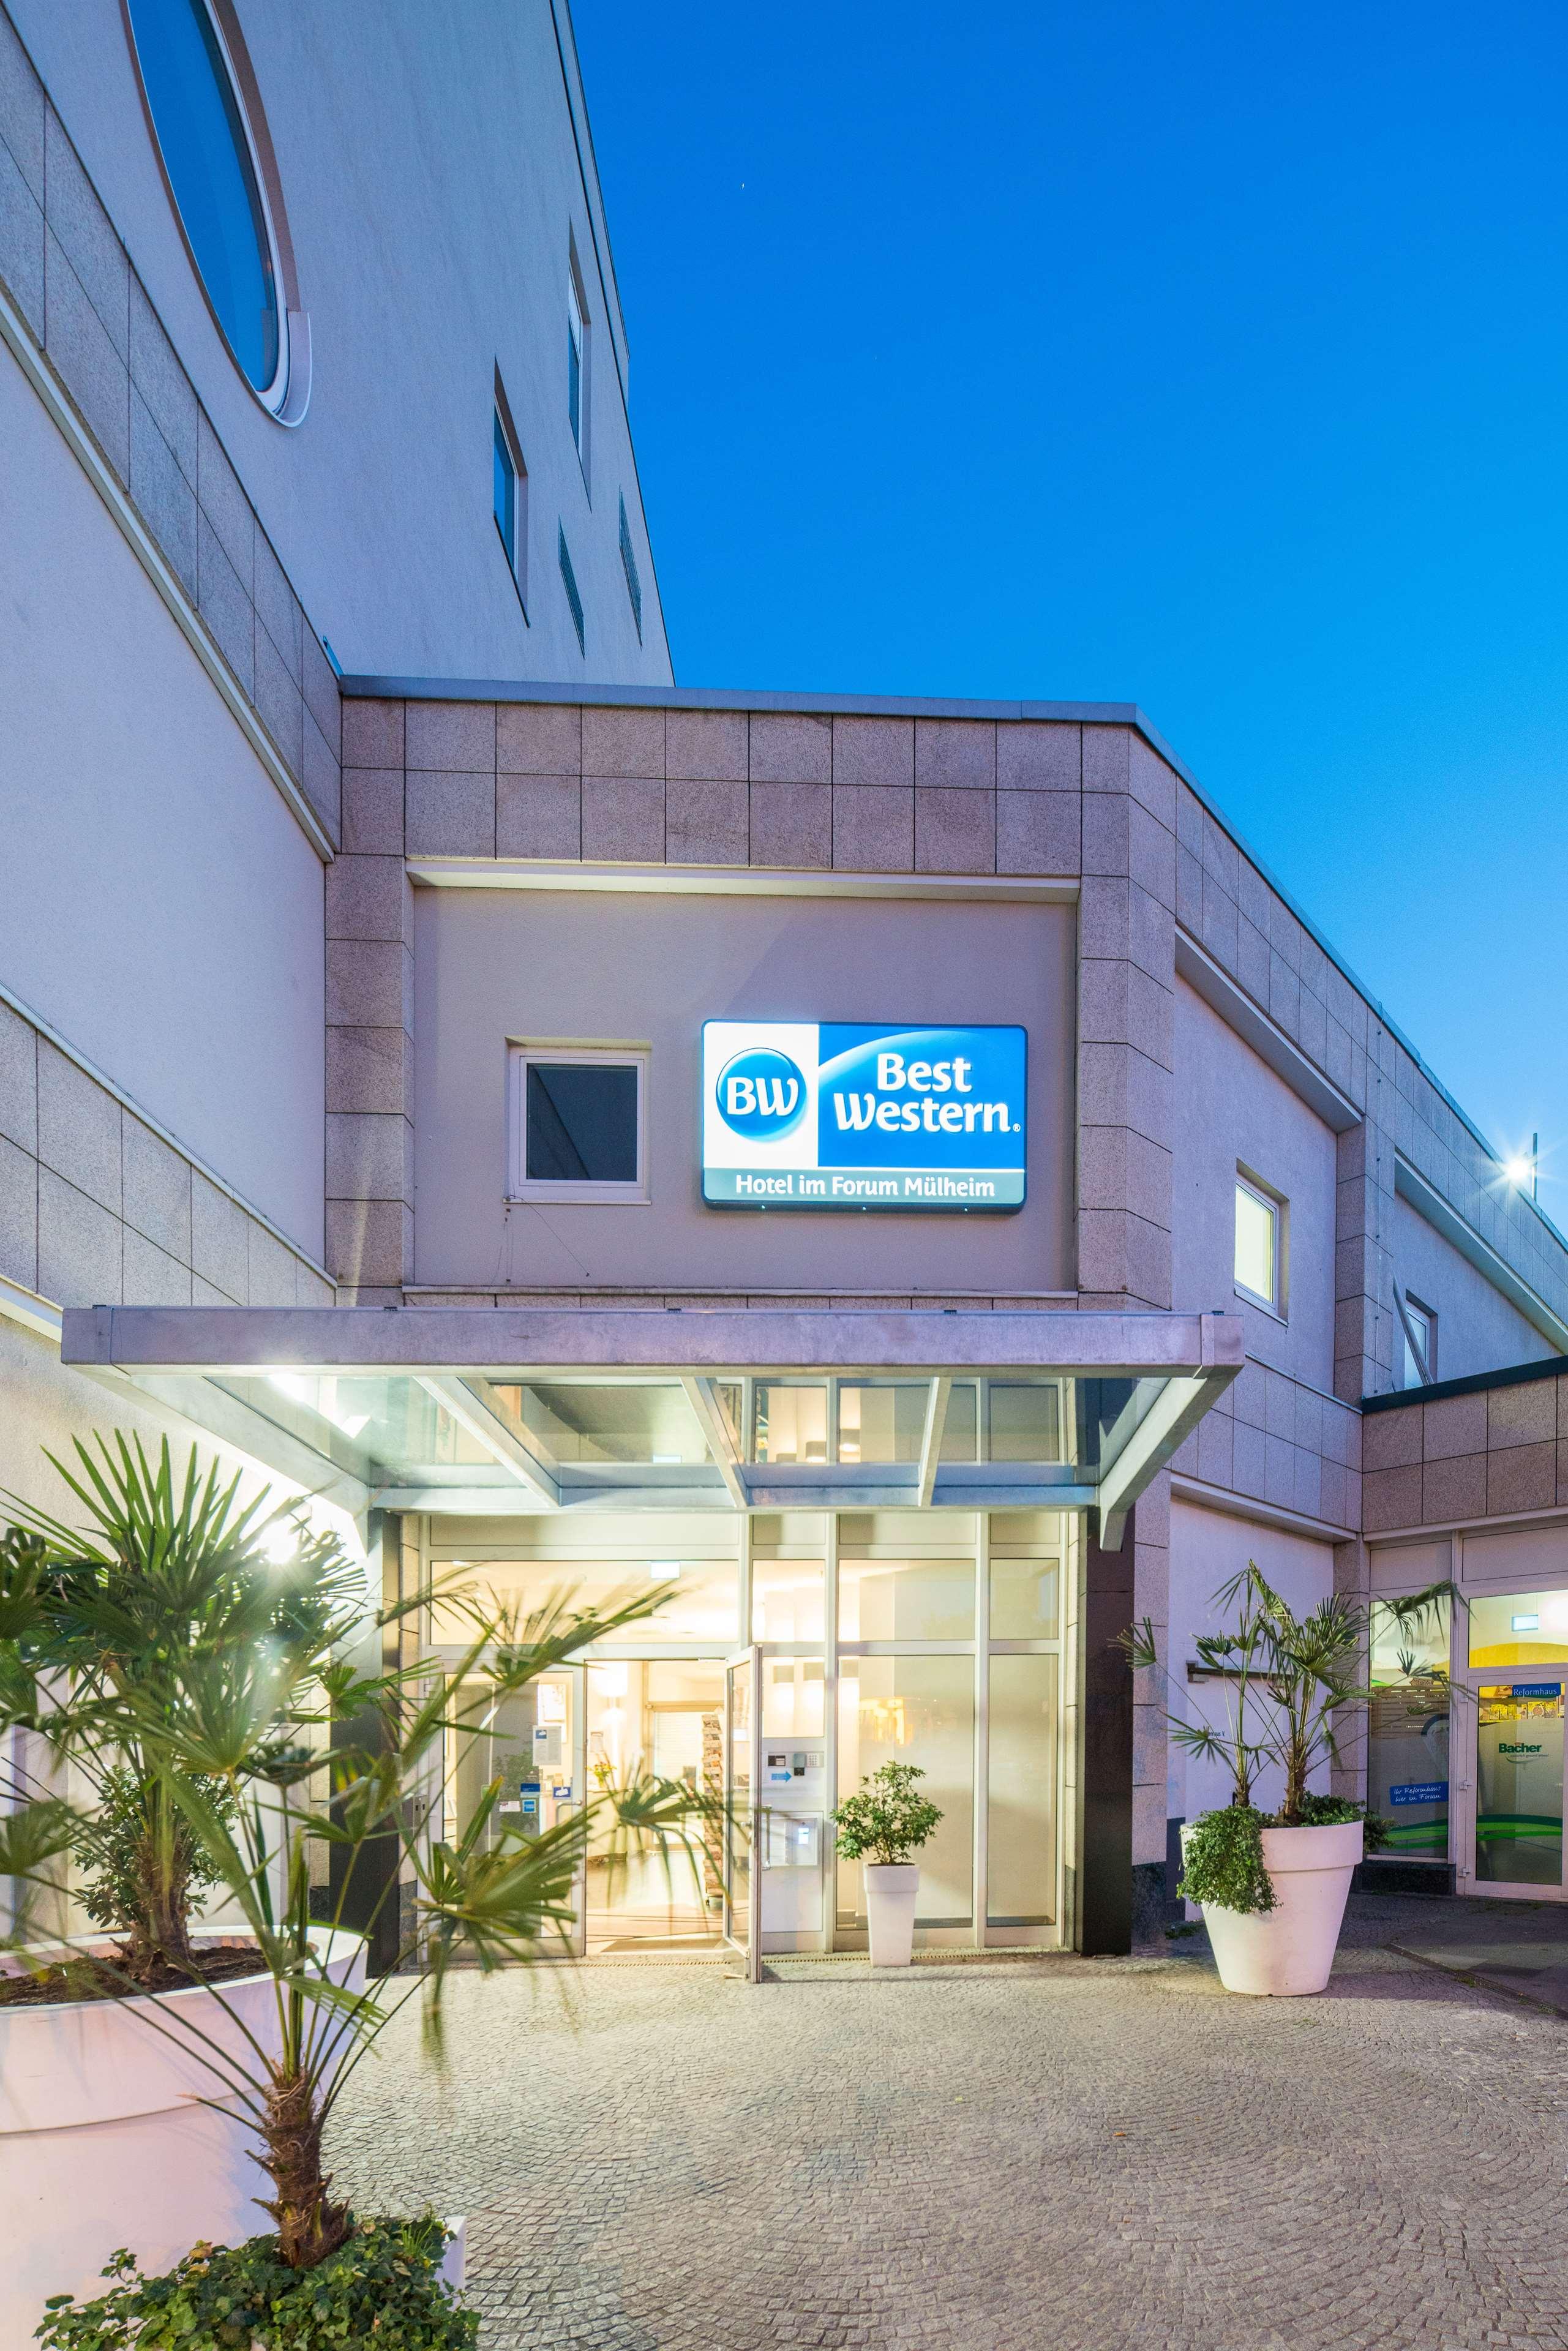 Best Western Hotel Im Forum Mulheim Mulheim An Der Ruhr Price Address Reviews